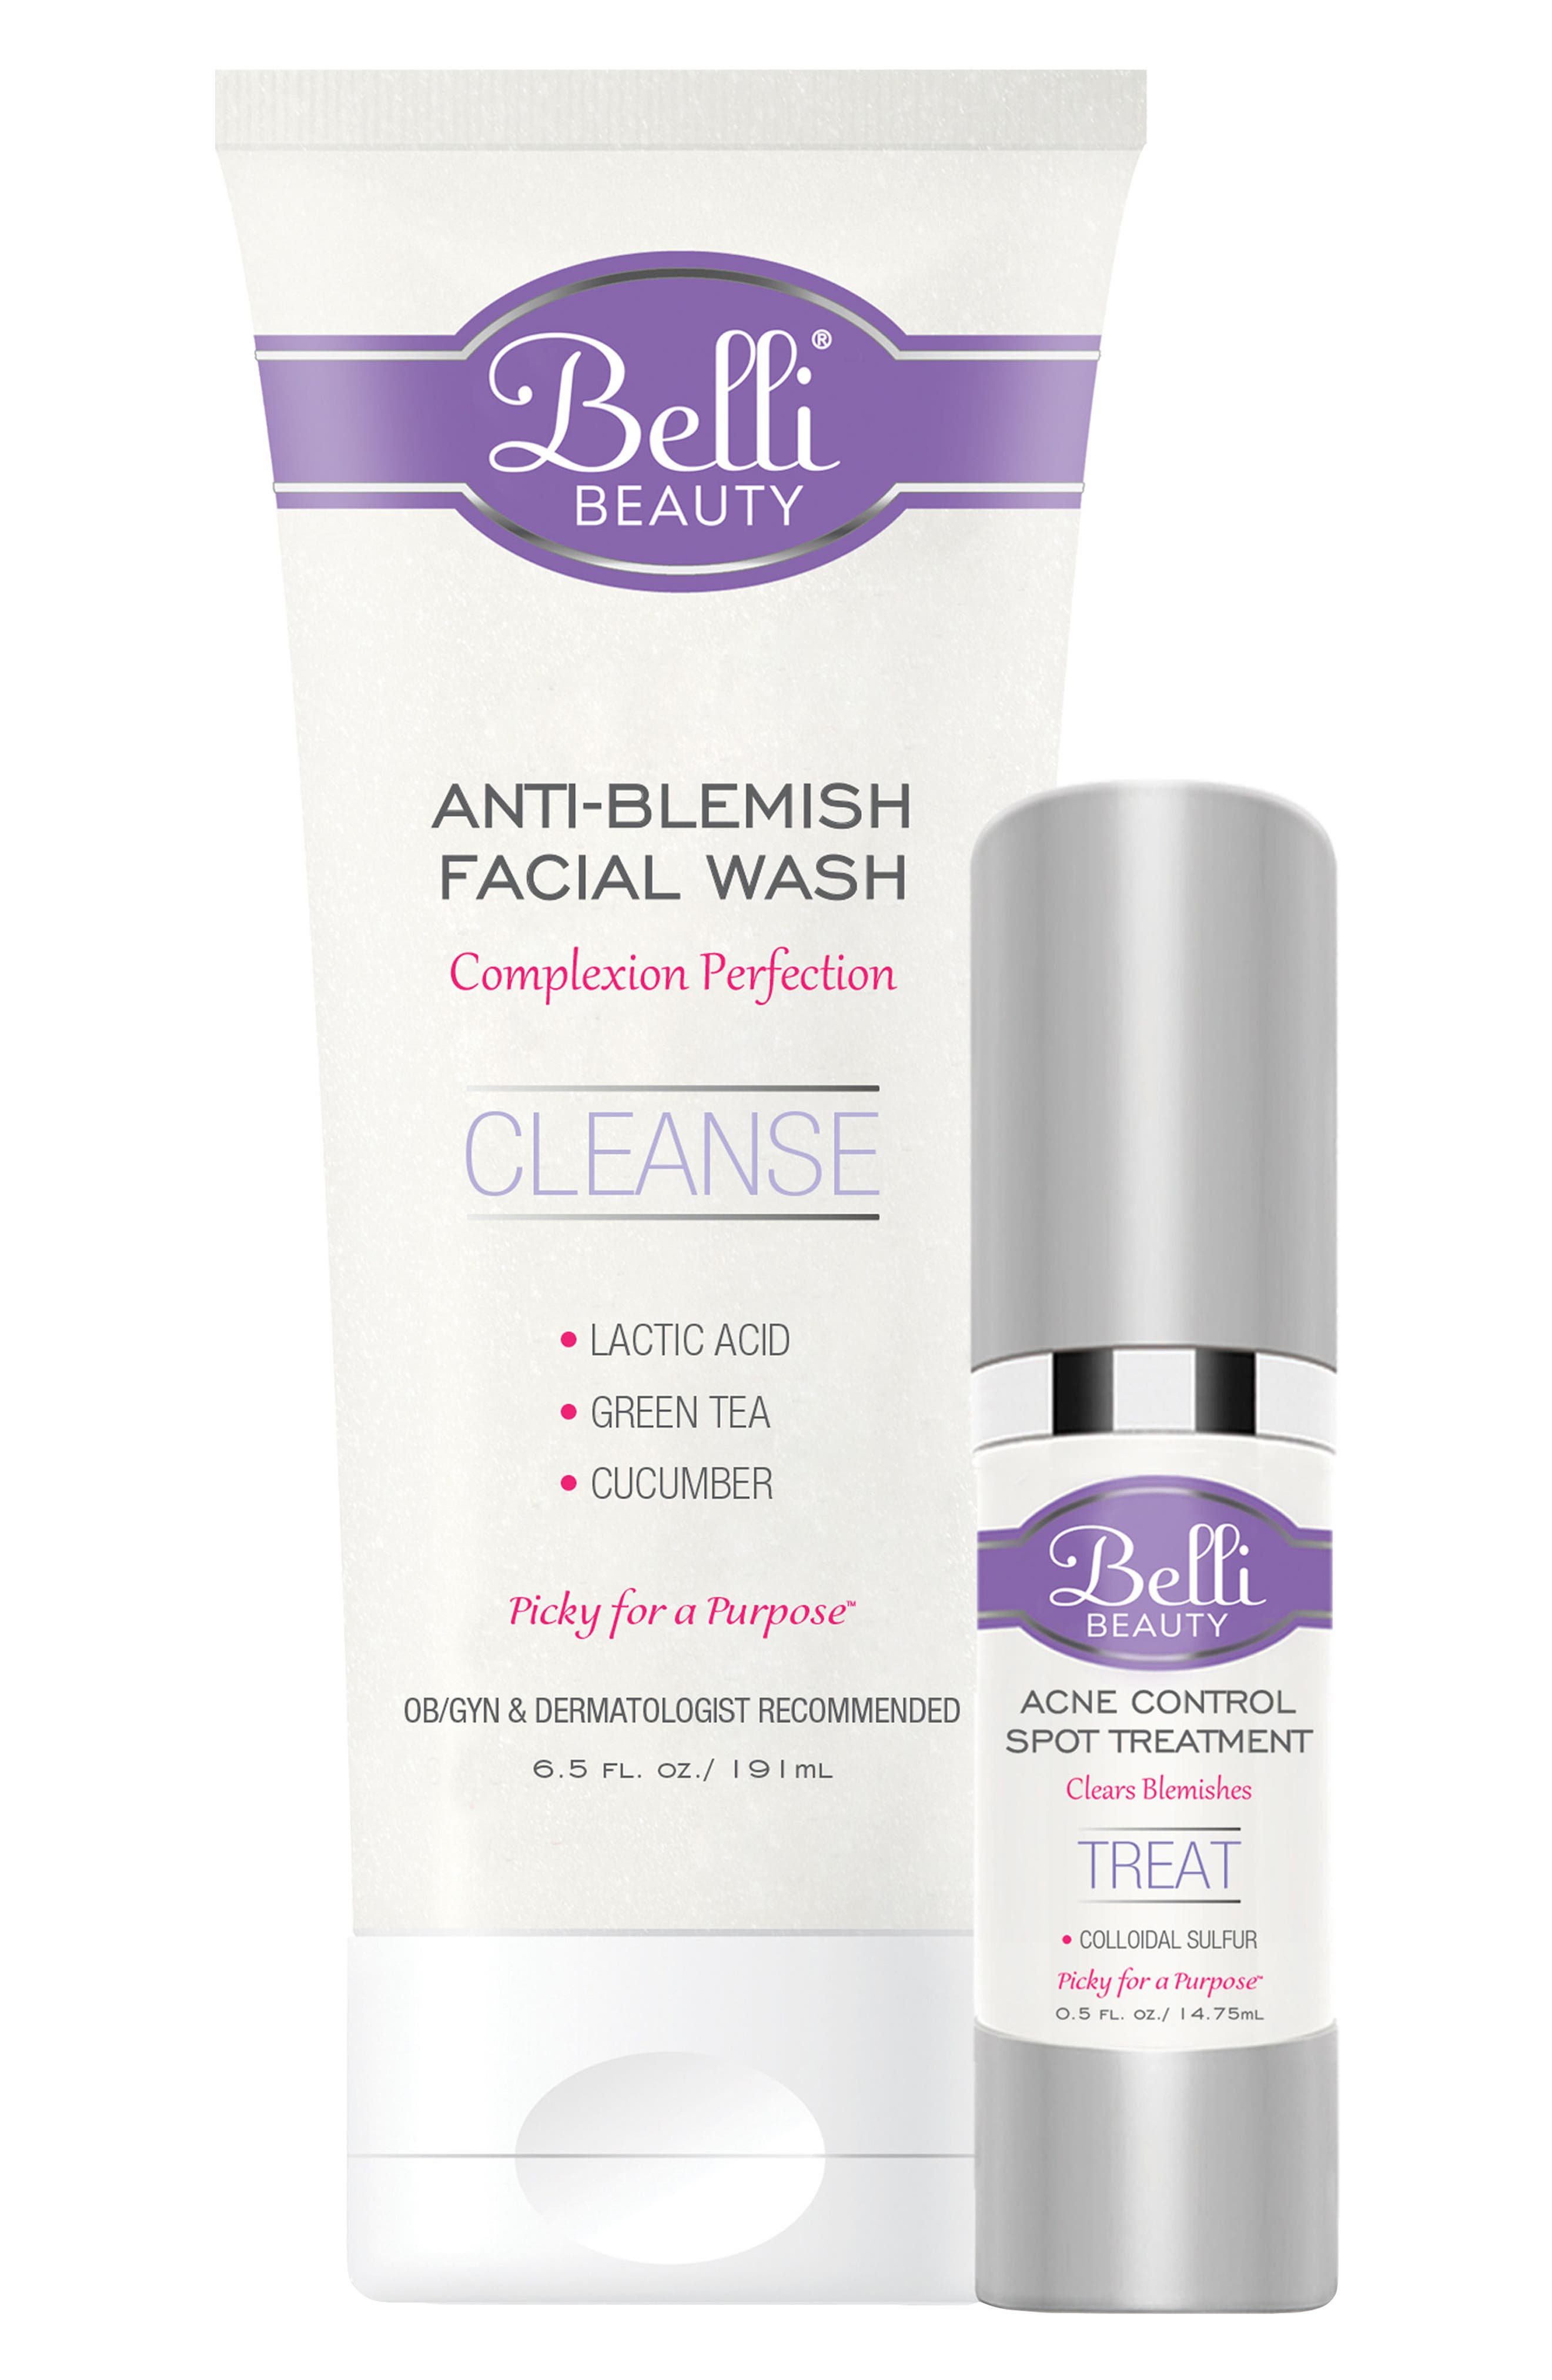 Anti-Blemish Basics with Anti-Blemish Facial Wash (6.5 oz.) & Acne Control Spot Treatment,                             Alternate thumbnail 2, color,                             WHITE